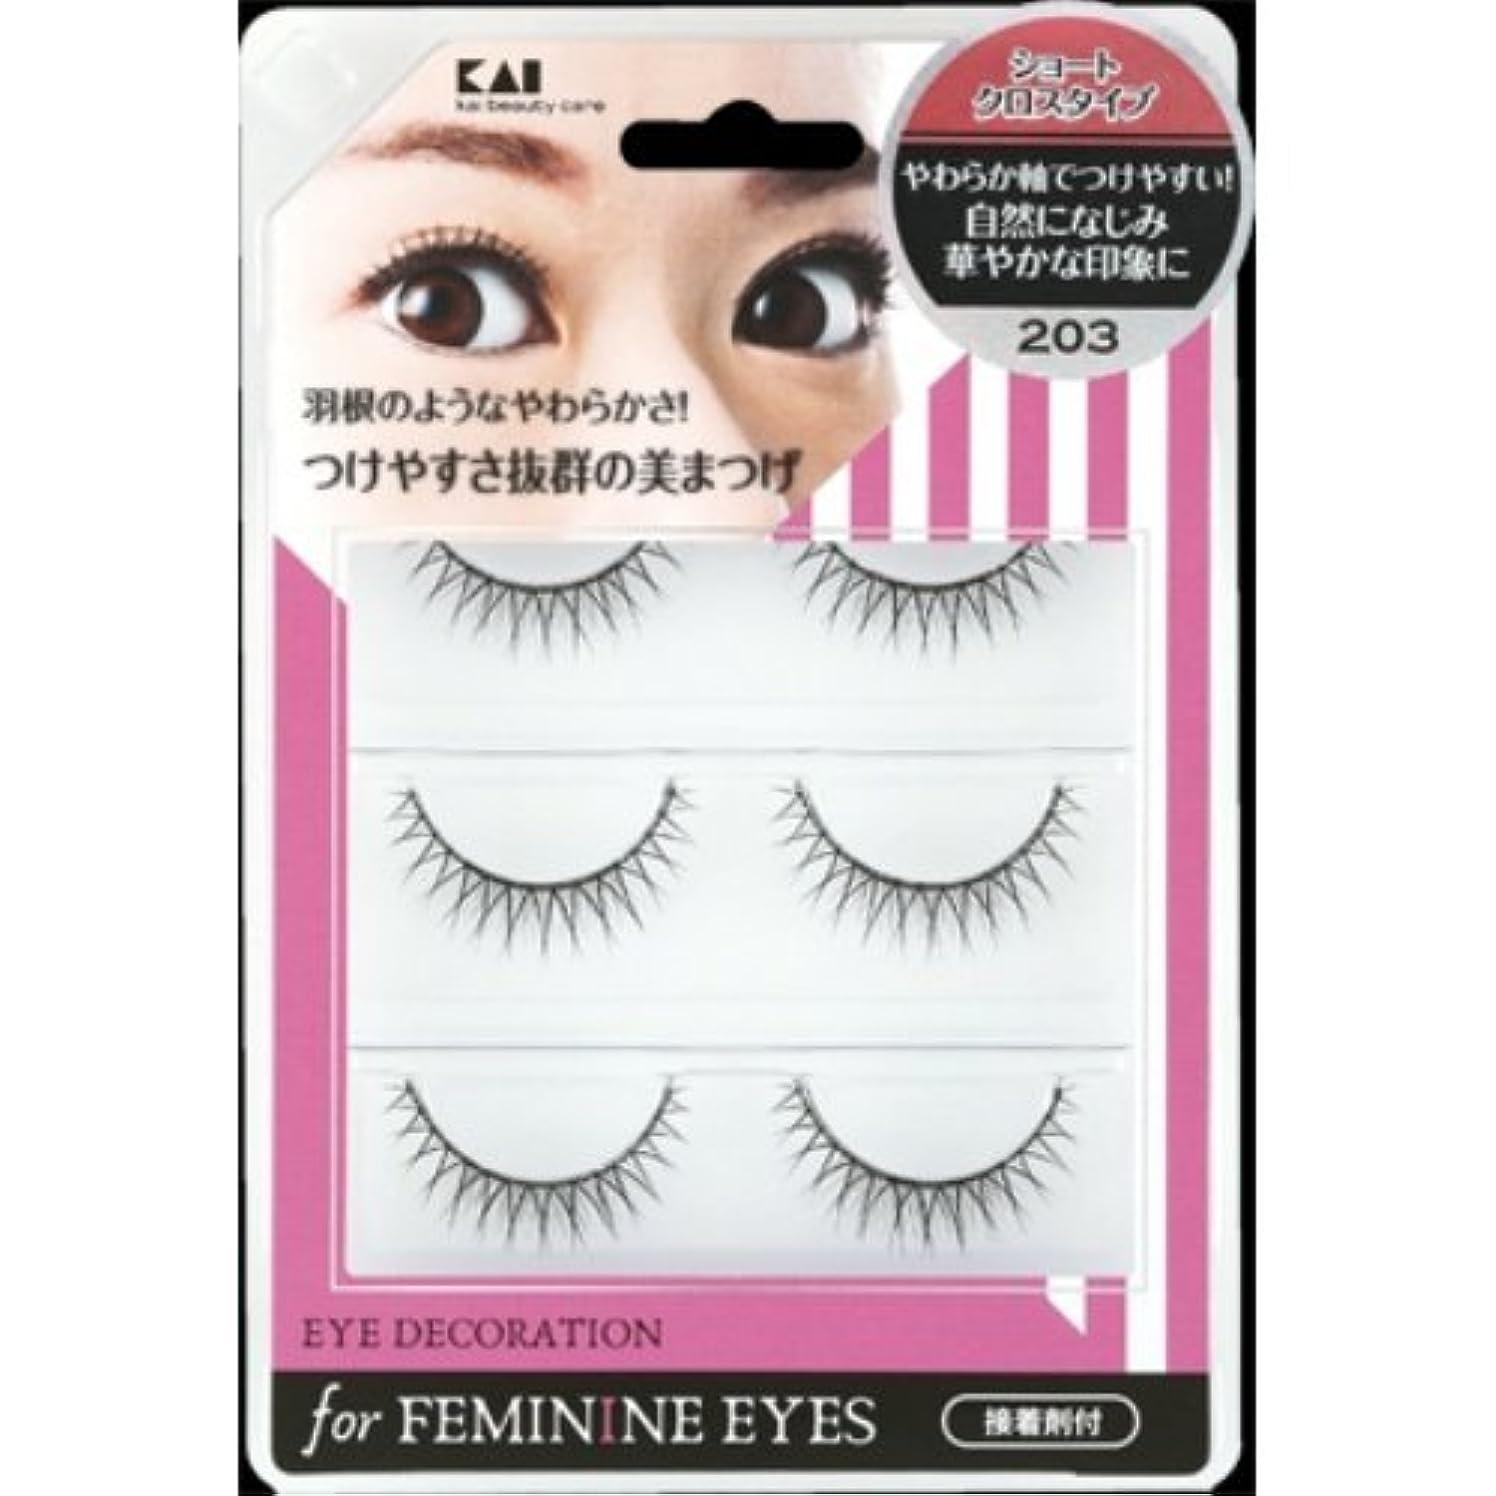 探す競うセイはさておき貝印 アイデコレーション for feminine eyes 203 HC1560